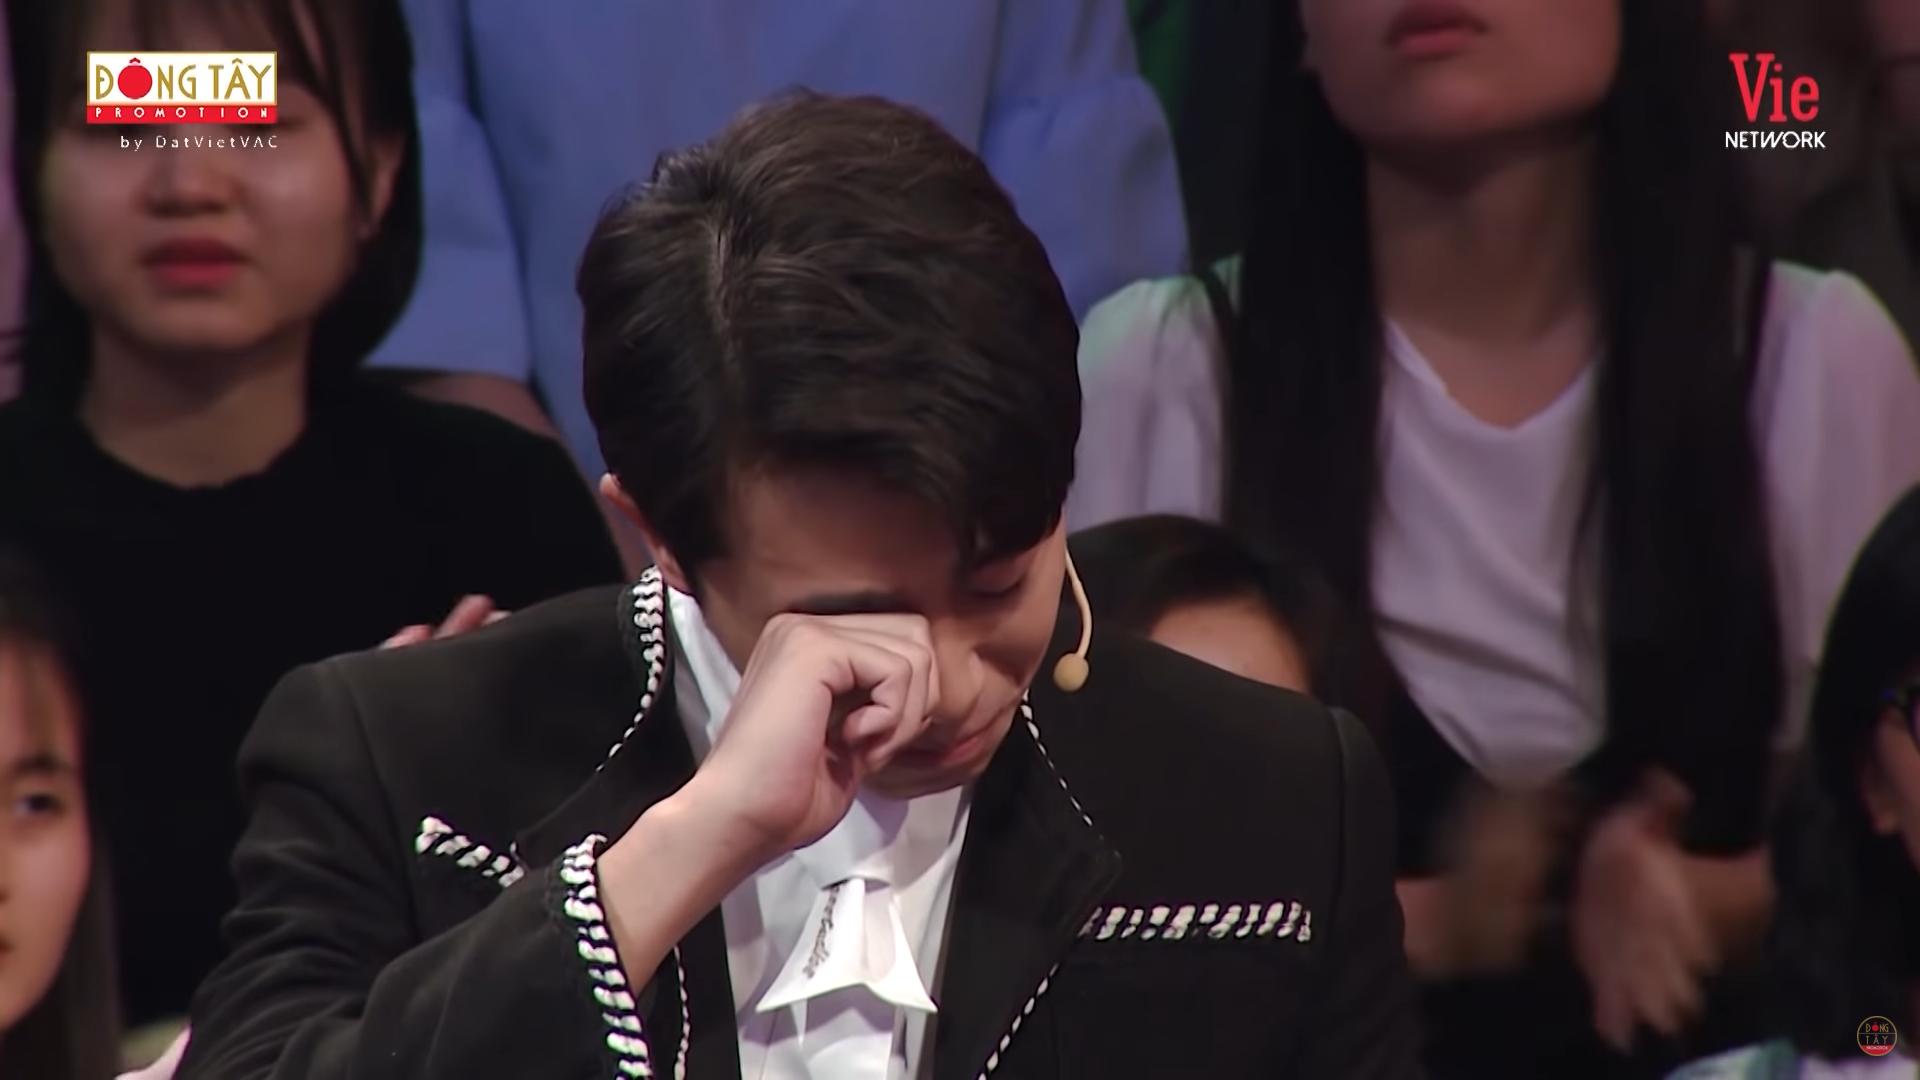 Hoa hậu Khánh Vân bật khóc: Ba tôi phải bươn chải, kiếm từng đồng một-4